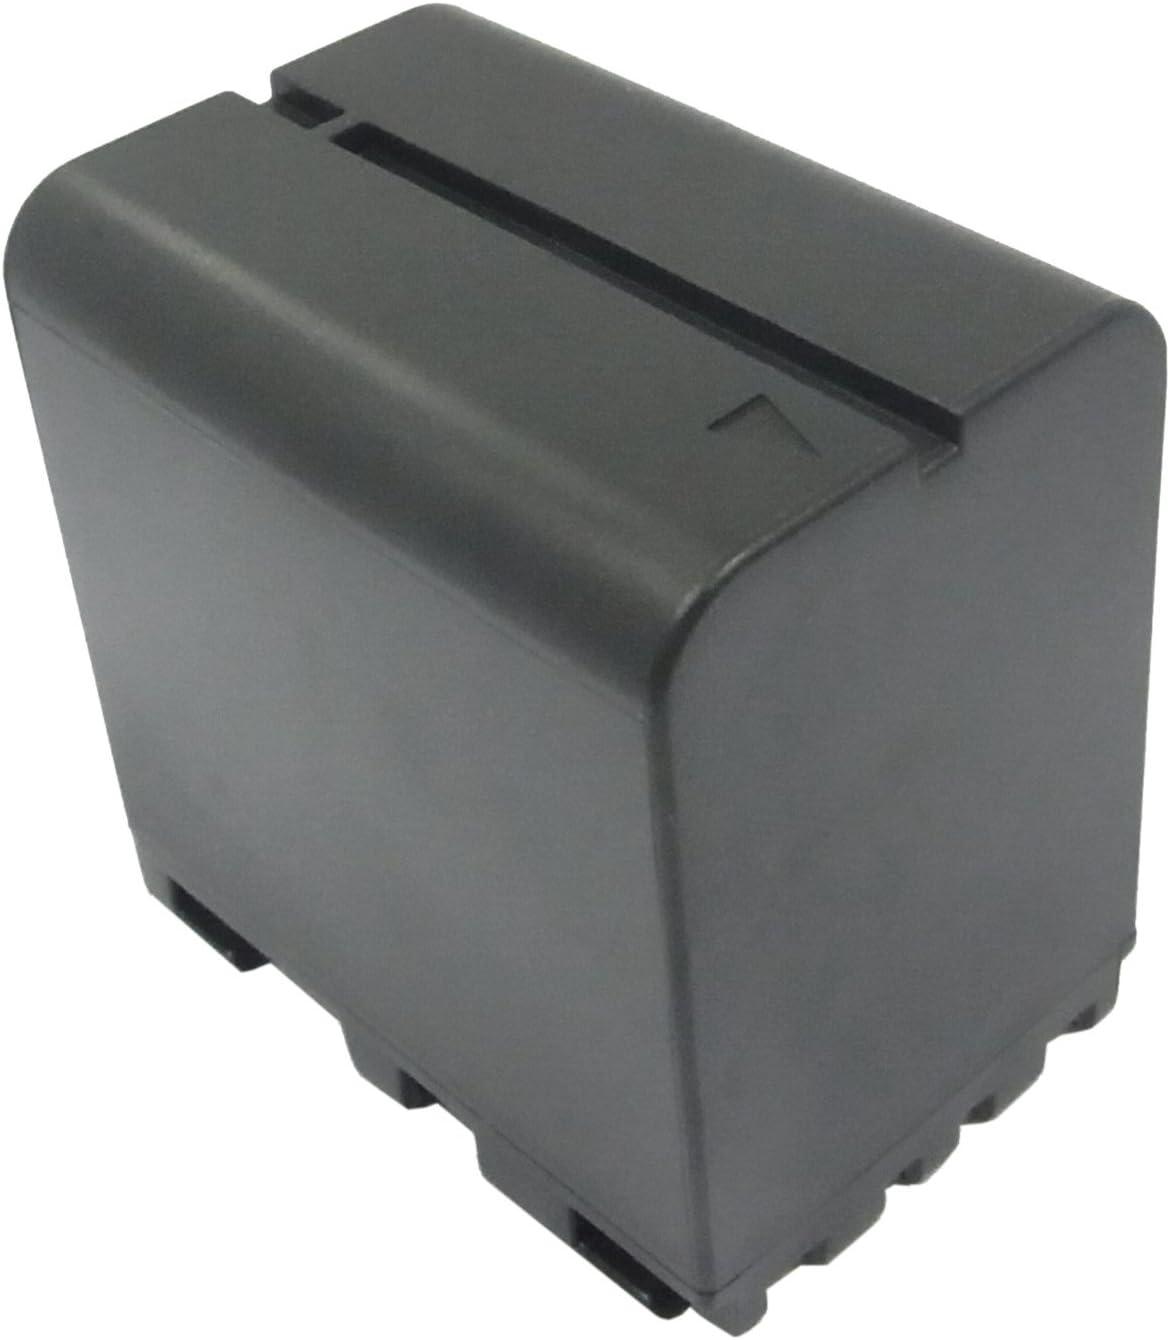 GR-DV500 Battery BN-V428U GR-DV4000 P//N BN-V428 BN-V438 3300mAh Replacement for JVC GR-DV400 GR-DV4000EK GR-DV4000US